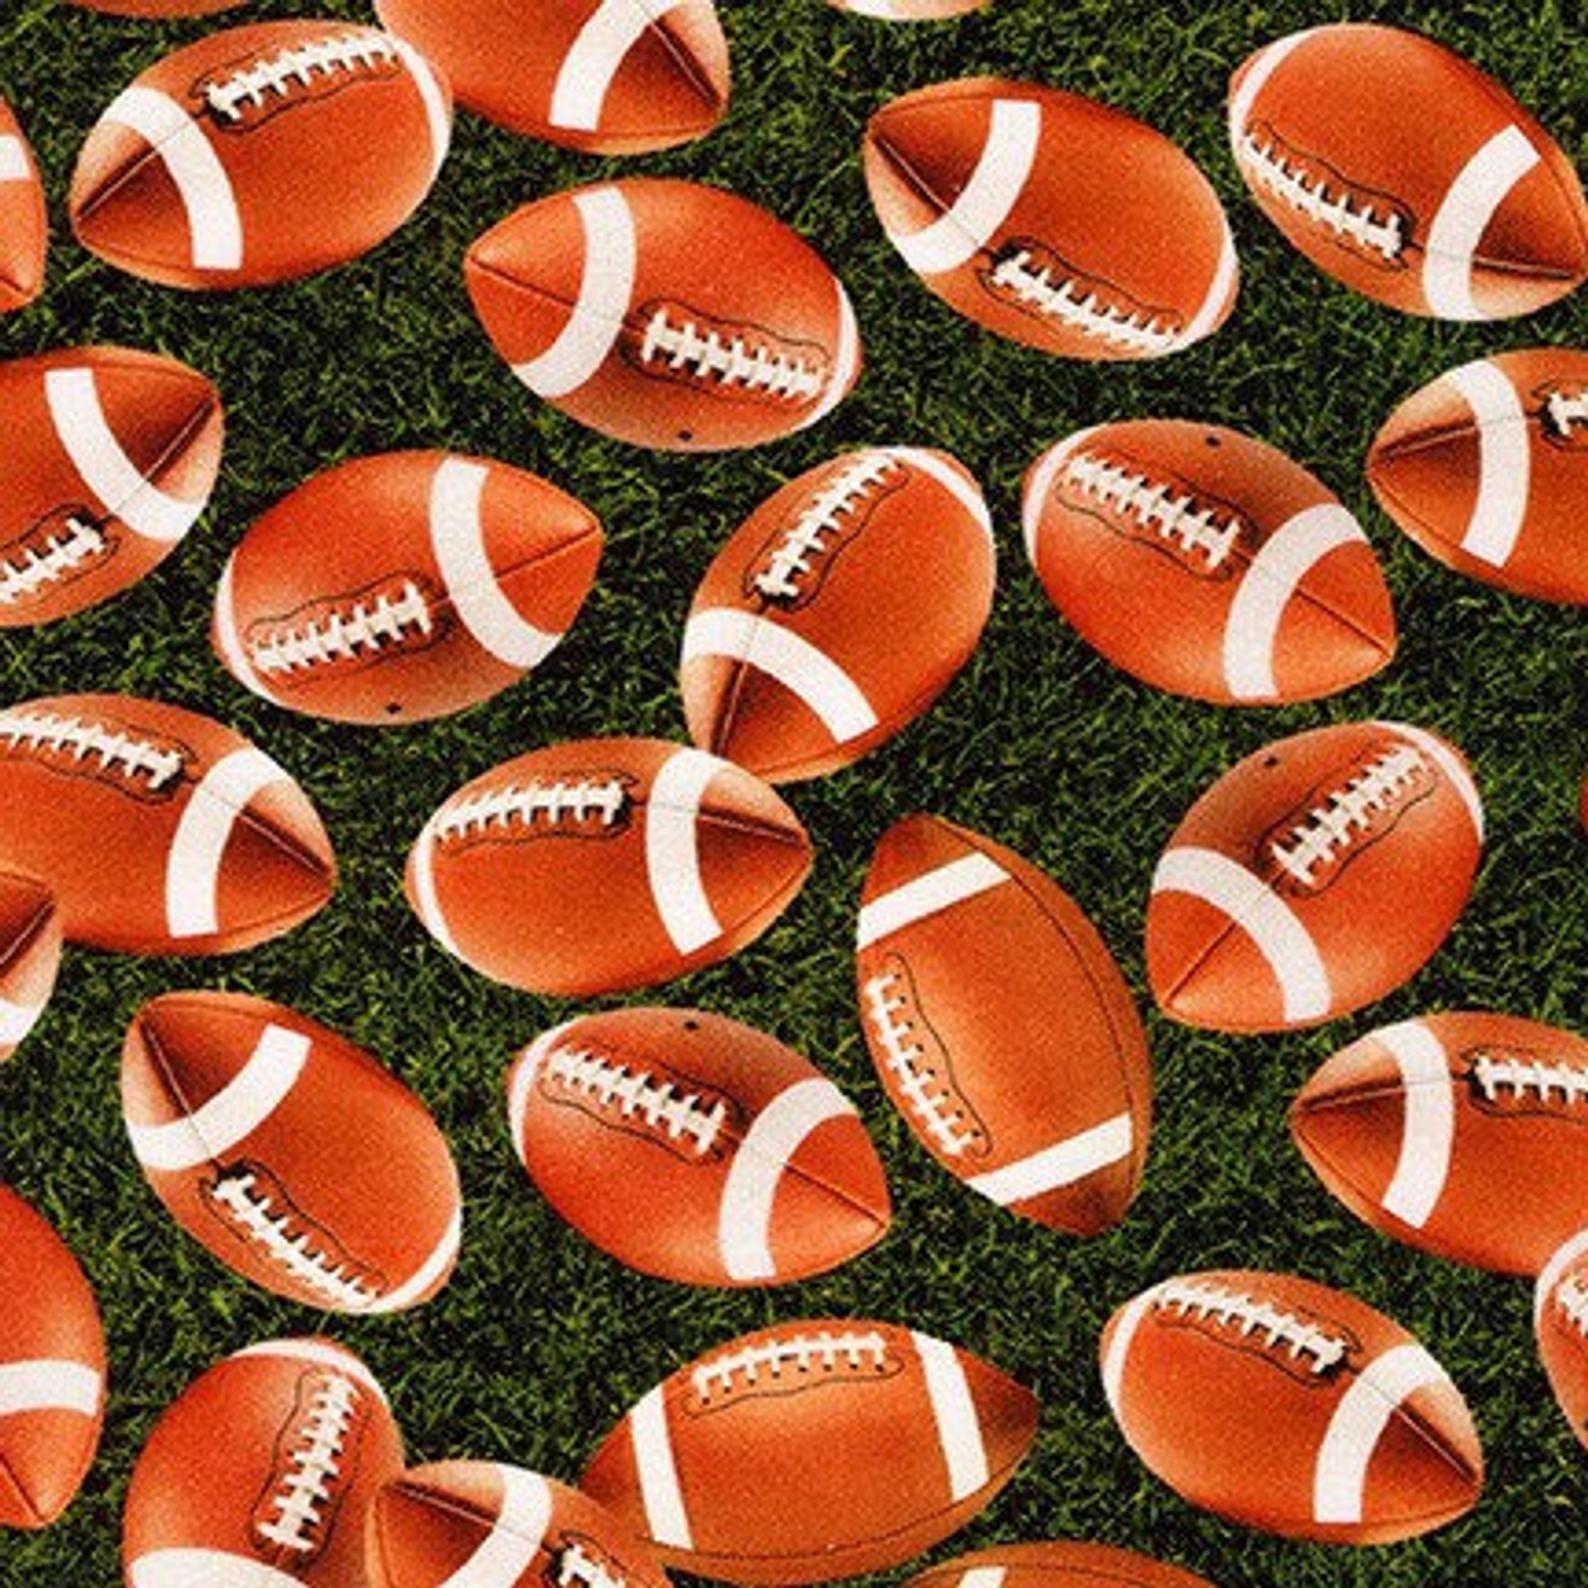 Sports Life 5 - Football Grass - By Robert Kaufman